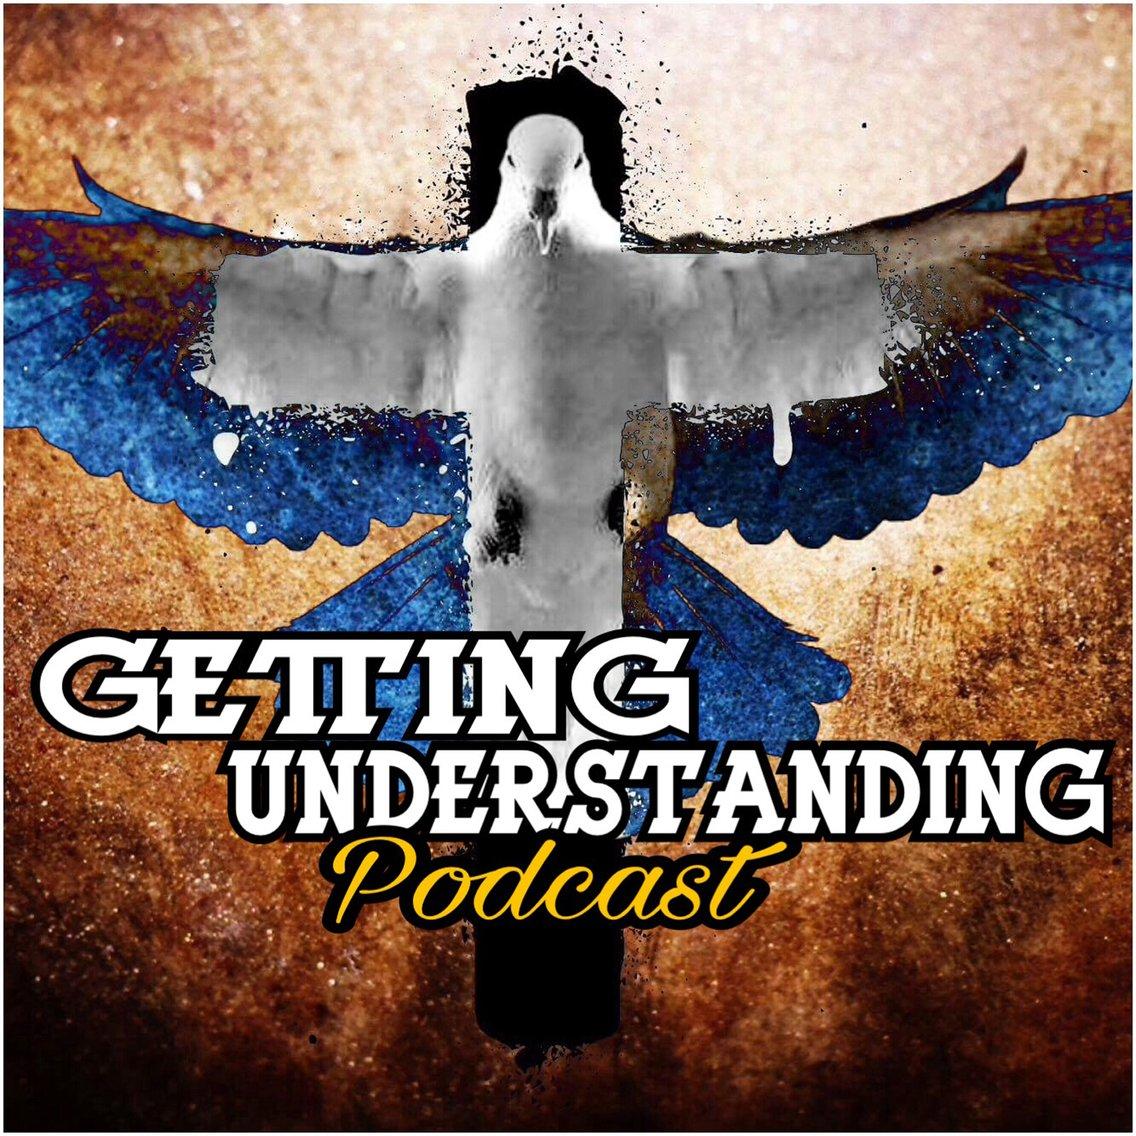 Getting Understanding's show - immagine di copertina